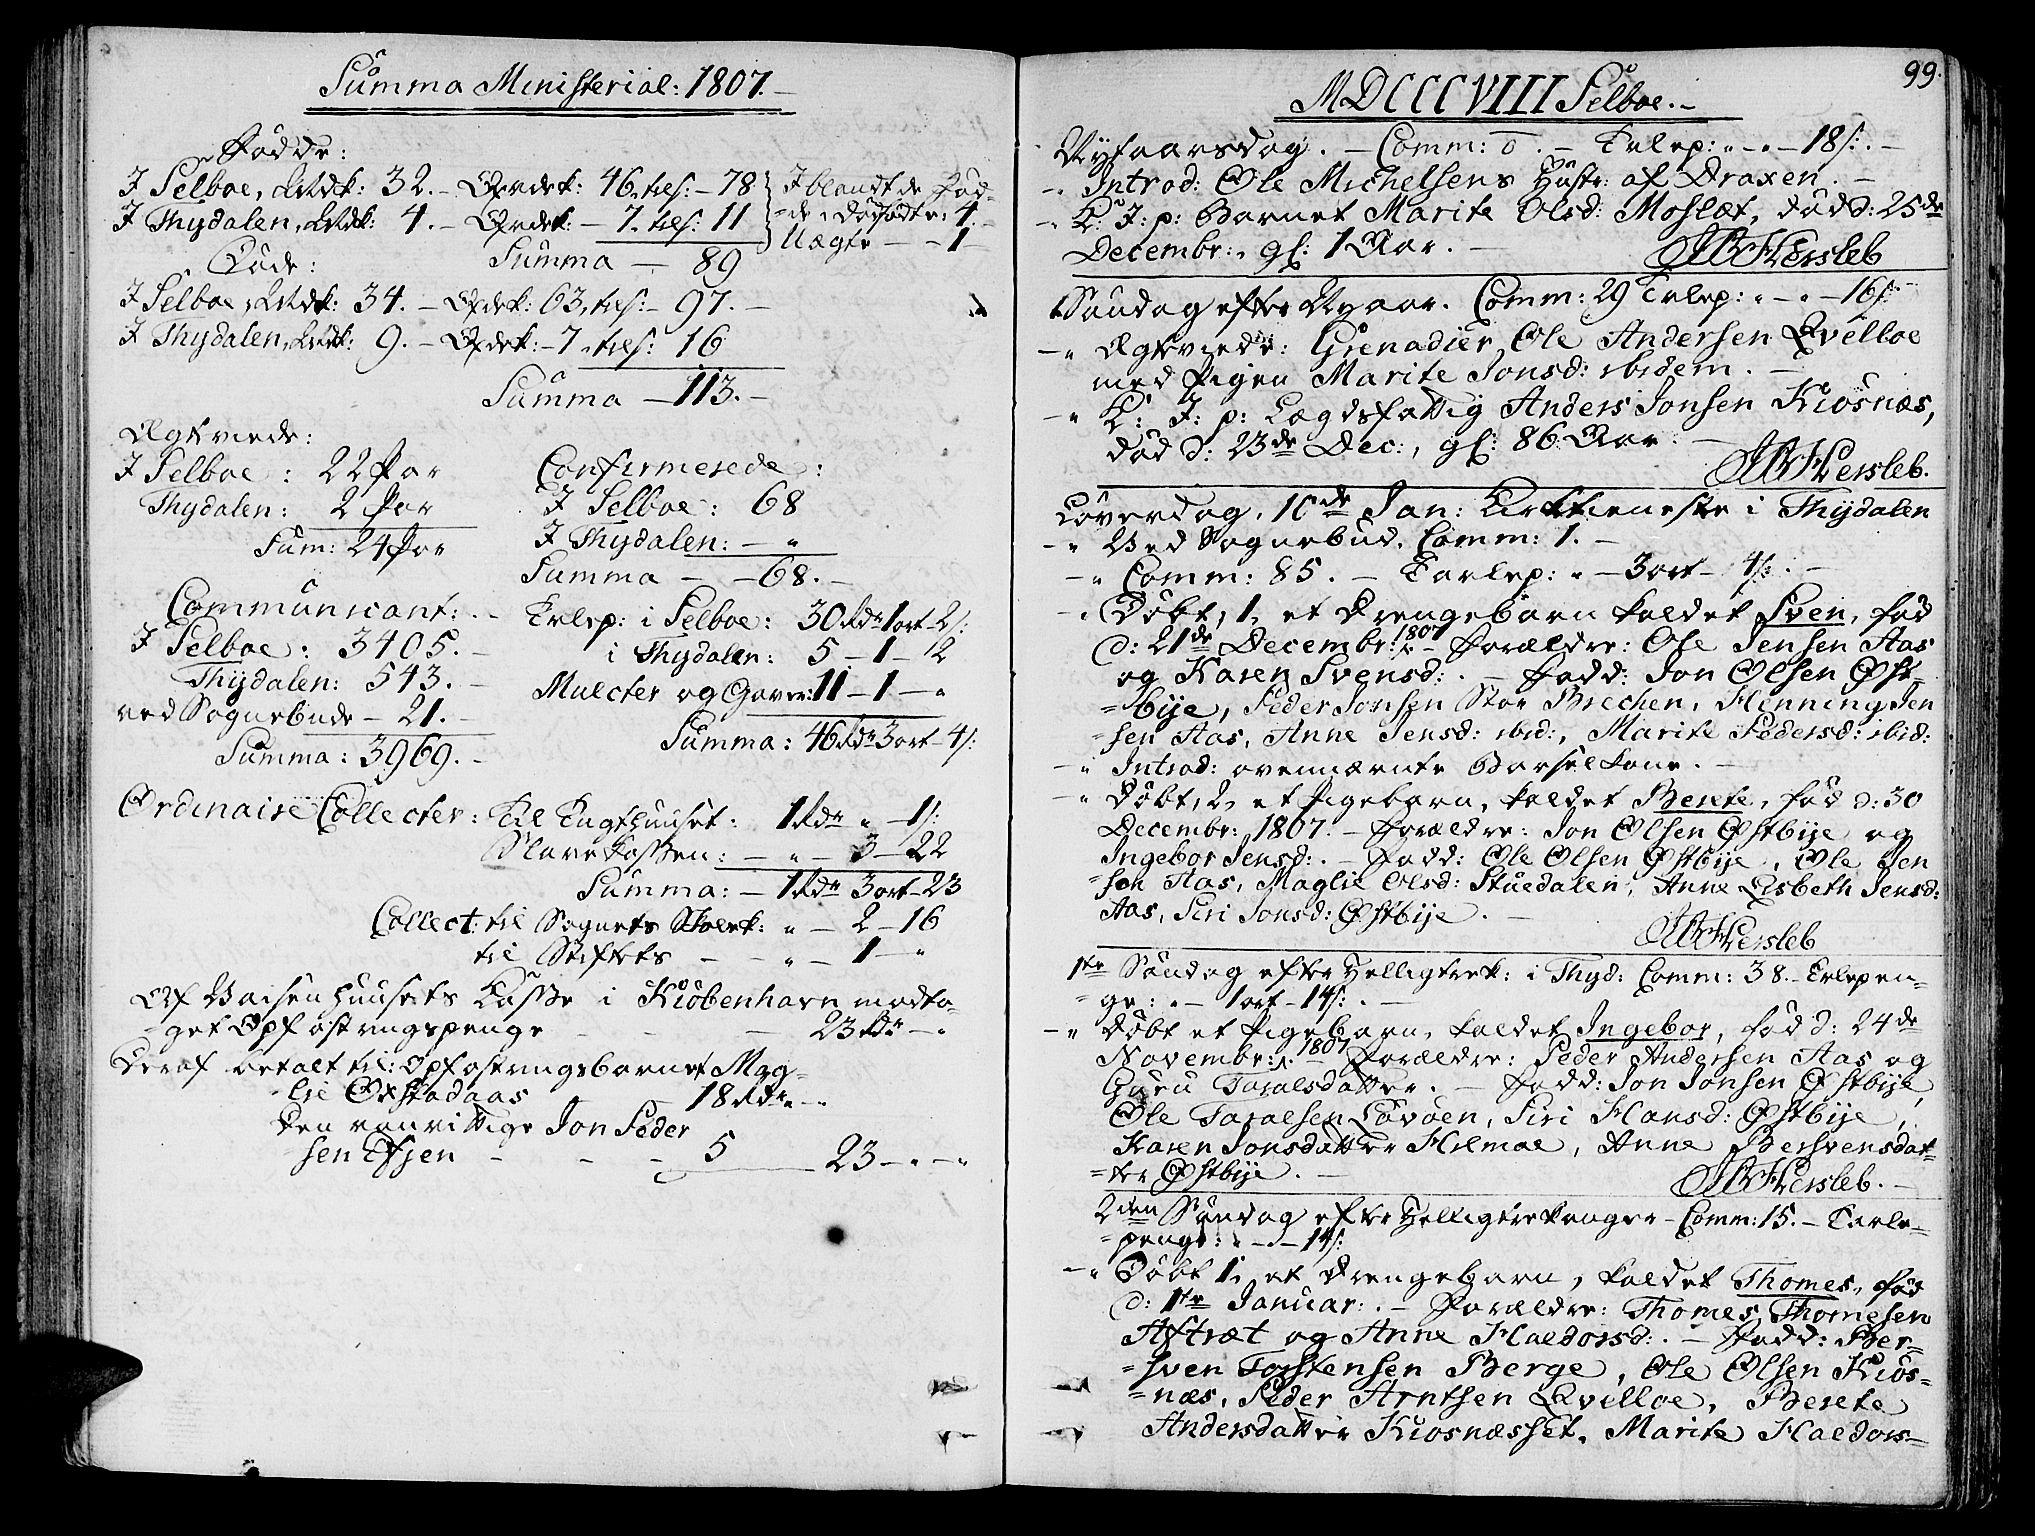 SAT, Ministerialprotokoller, klokkerbøker og fødselsregistre - Sør-Trøndelag, 695/L1140: Ministerialbok nr. 695A03, 1801-1815, s. 99